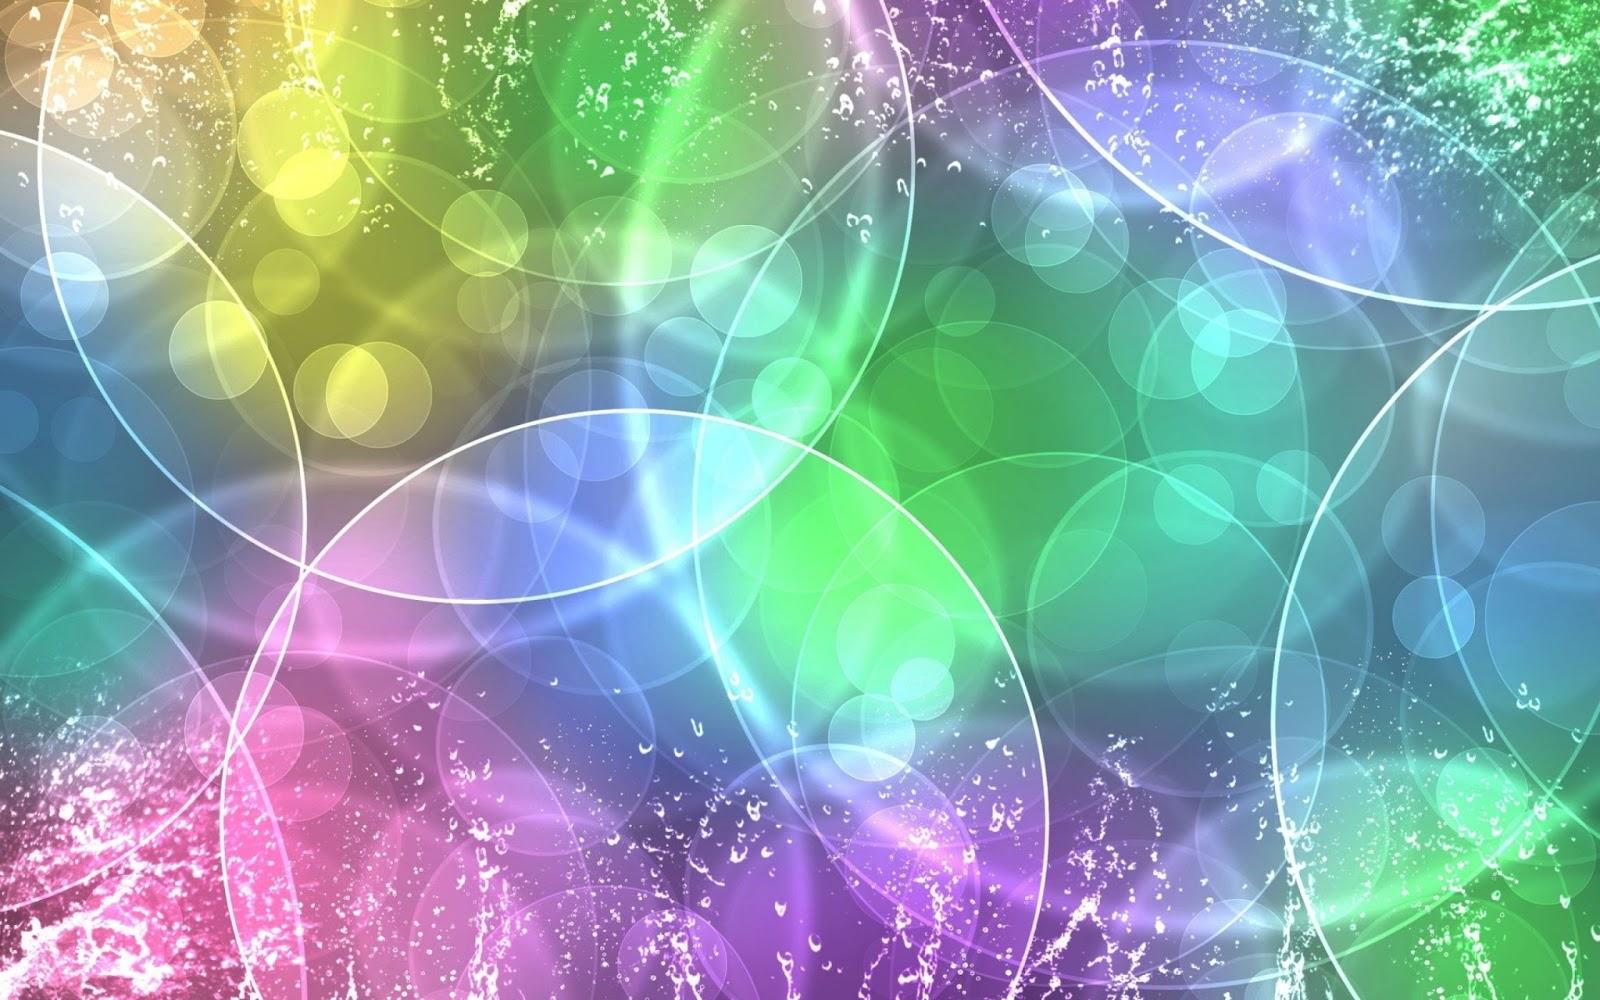 Imagenes Coloridas De Fondo: Burbujas De Colores Wallpapers